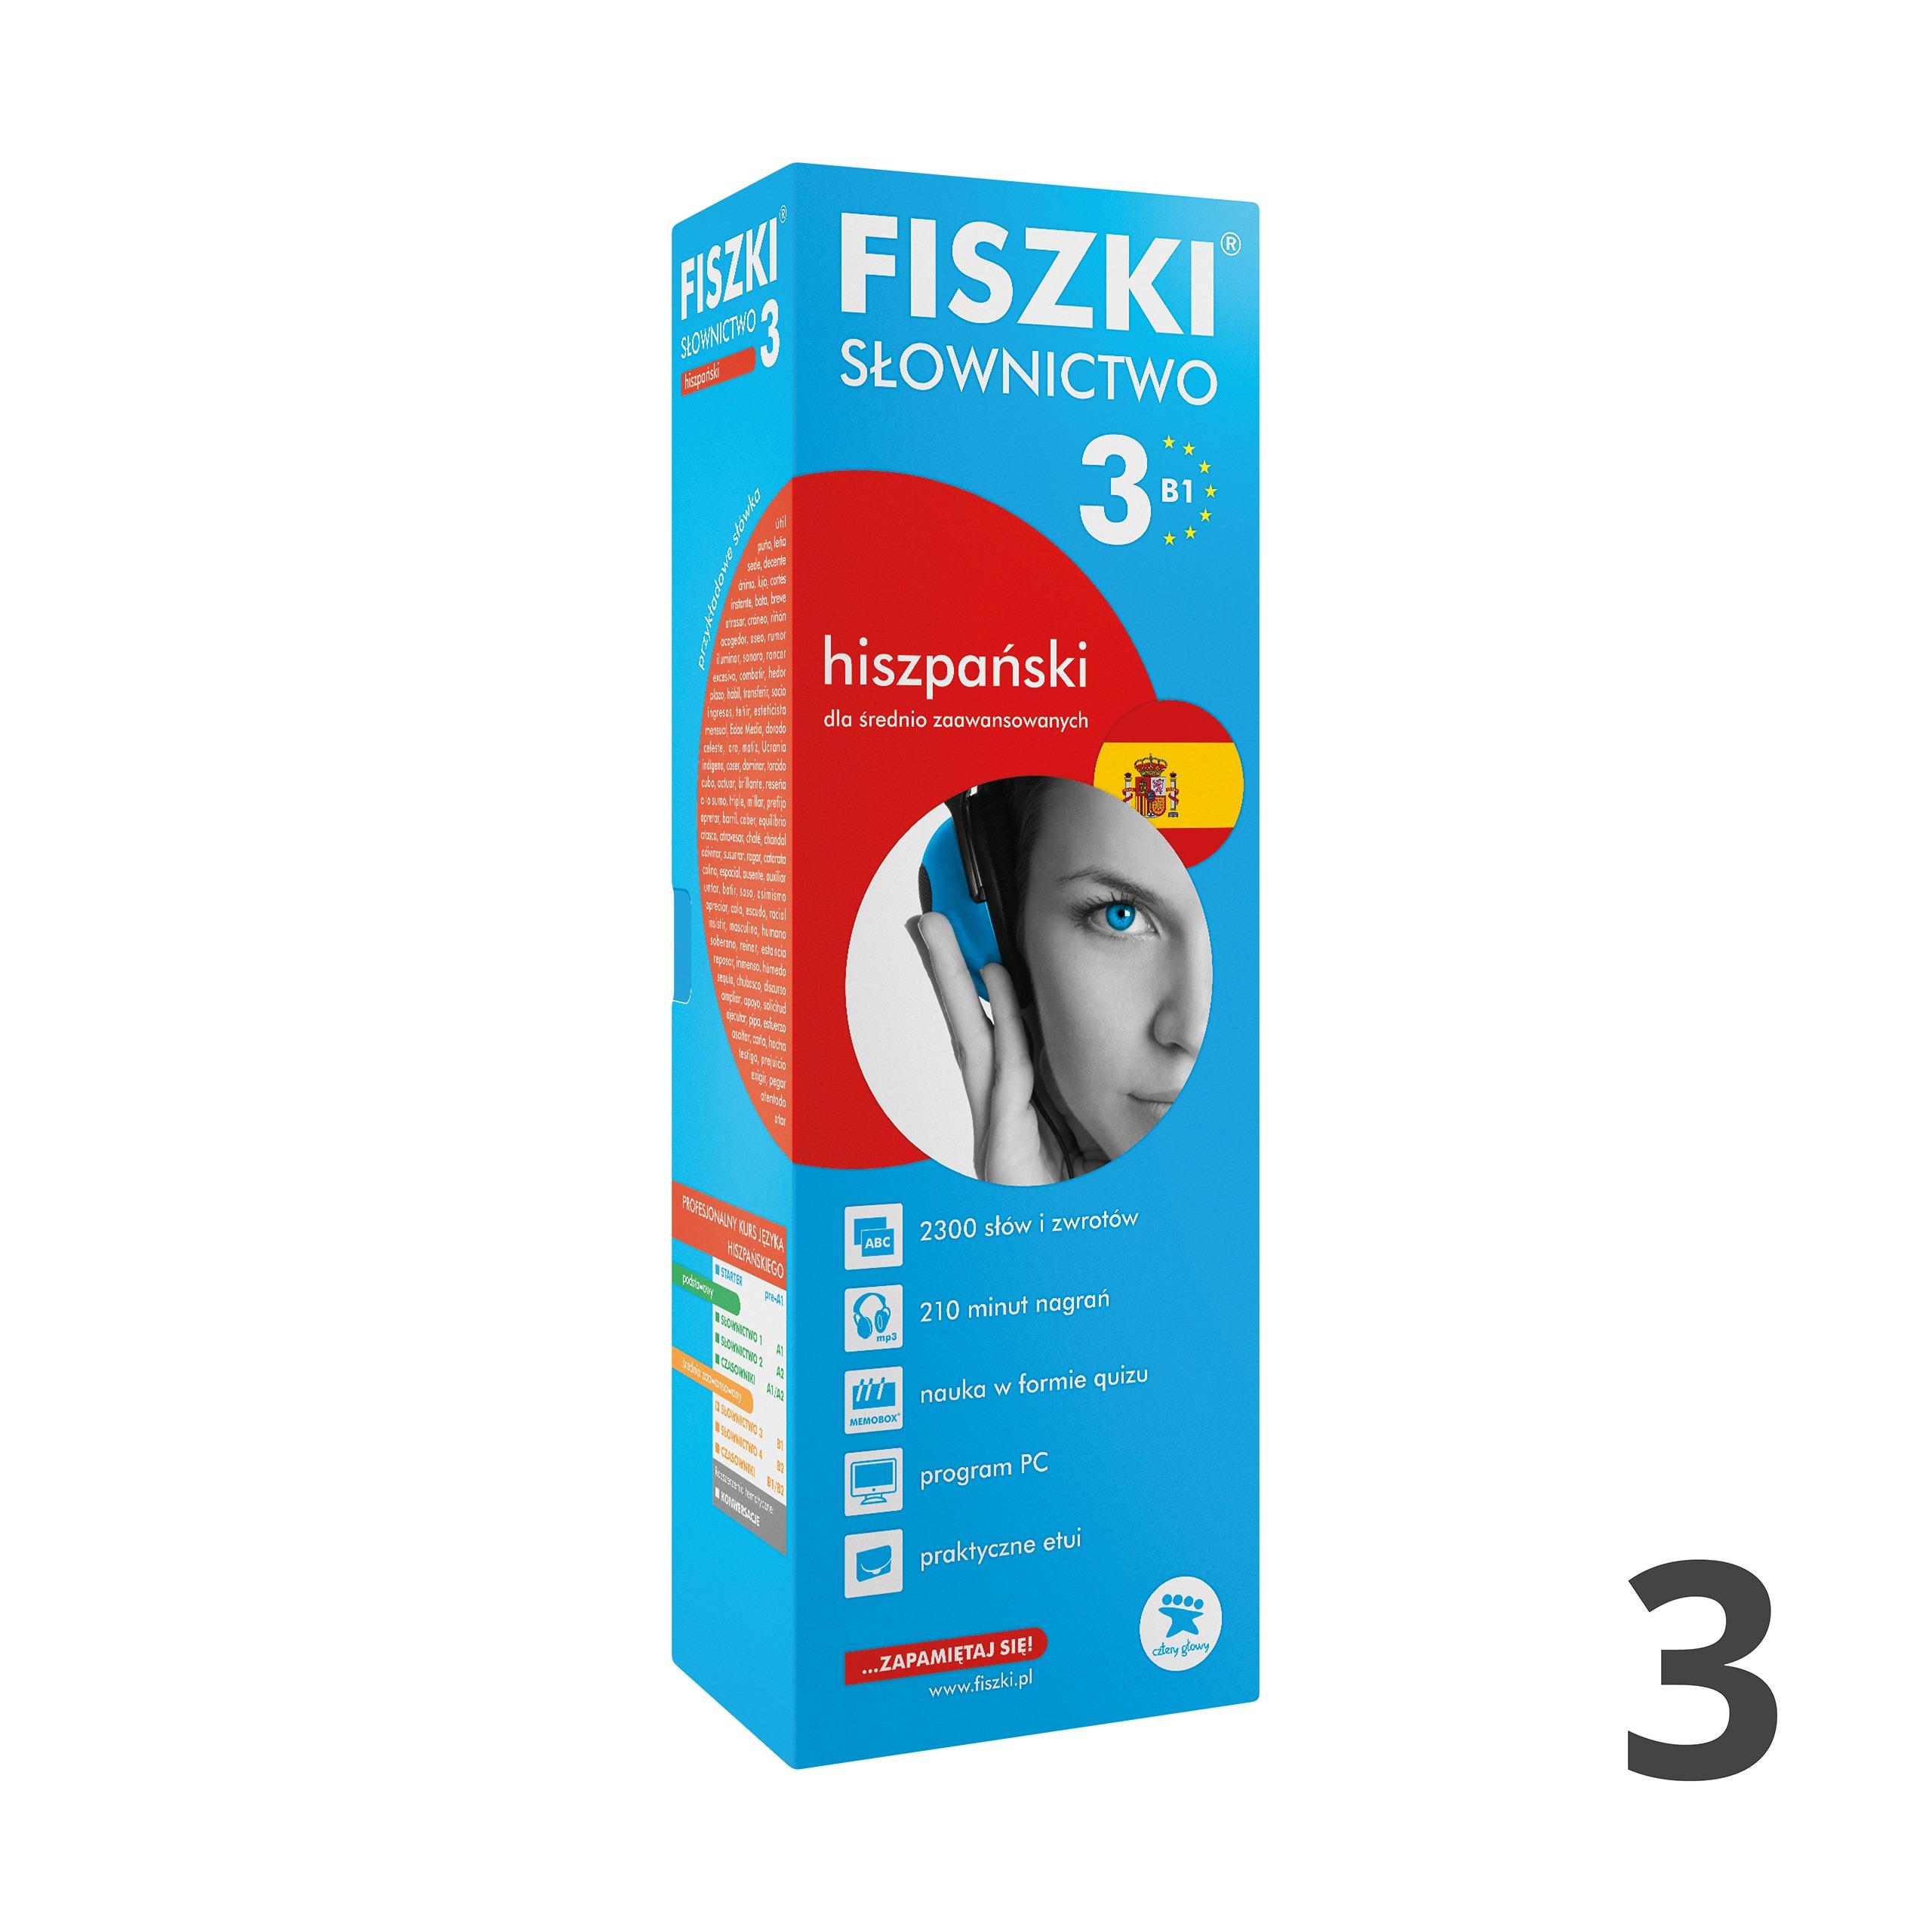 FISZKI - hiszpański - Słownictwo 3 (B1)